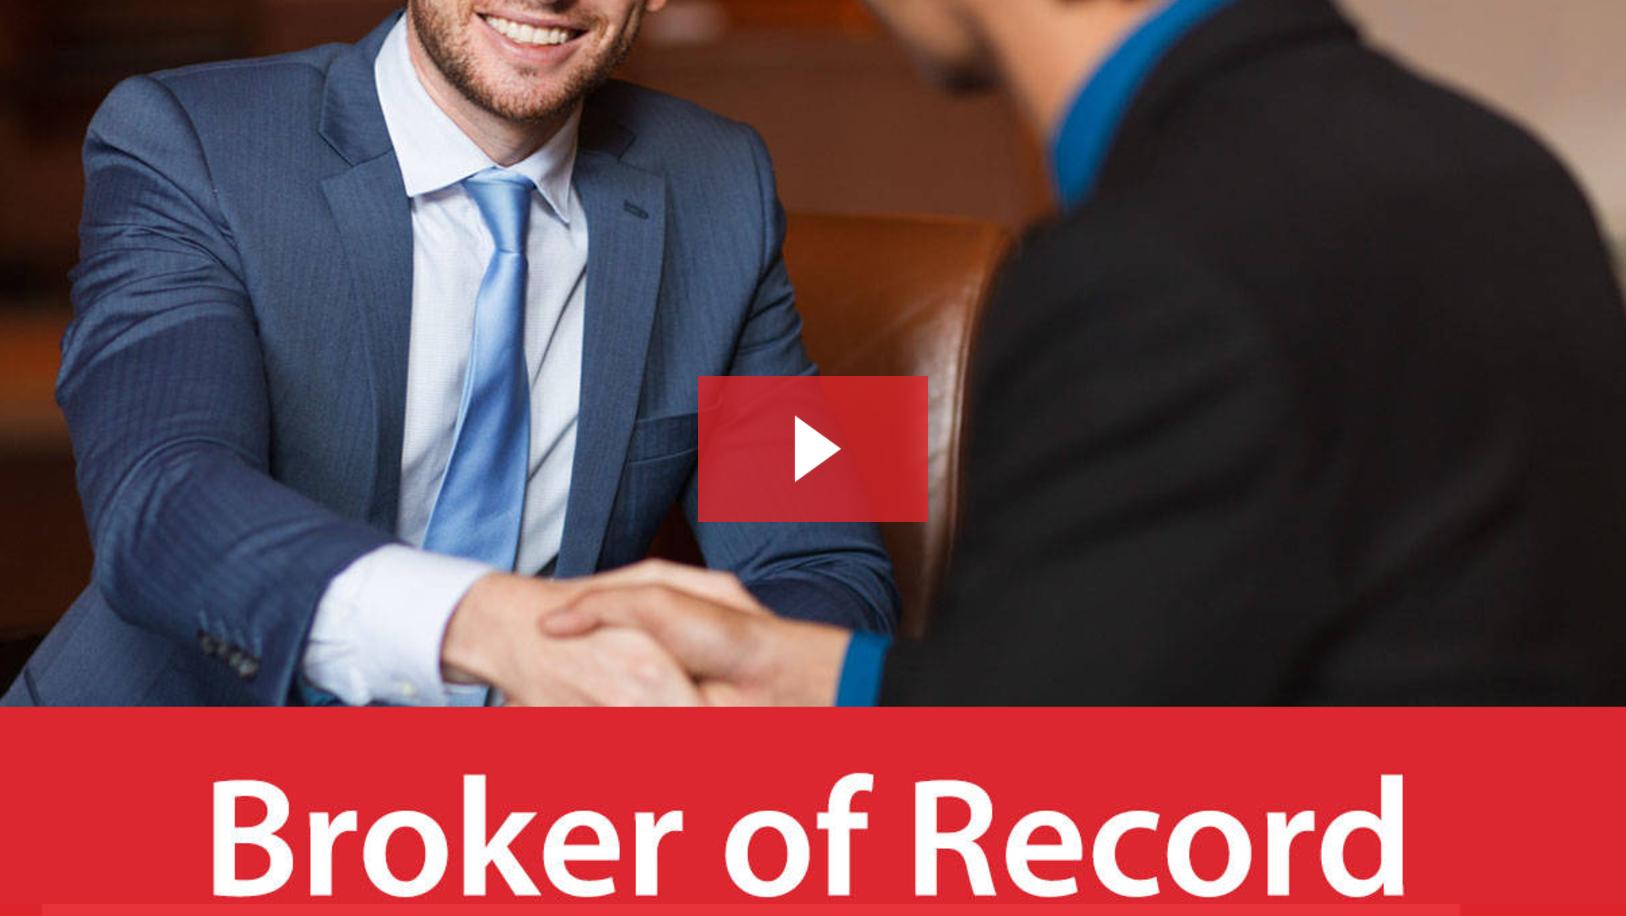 Broker of Record